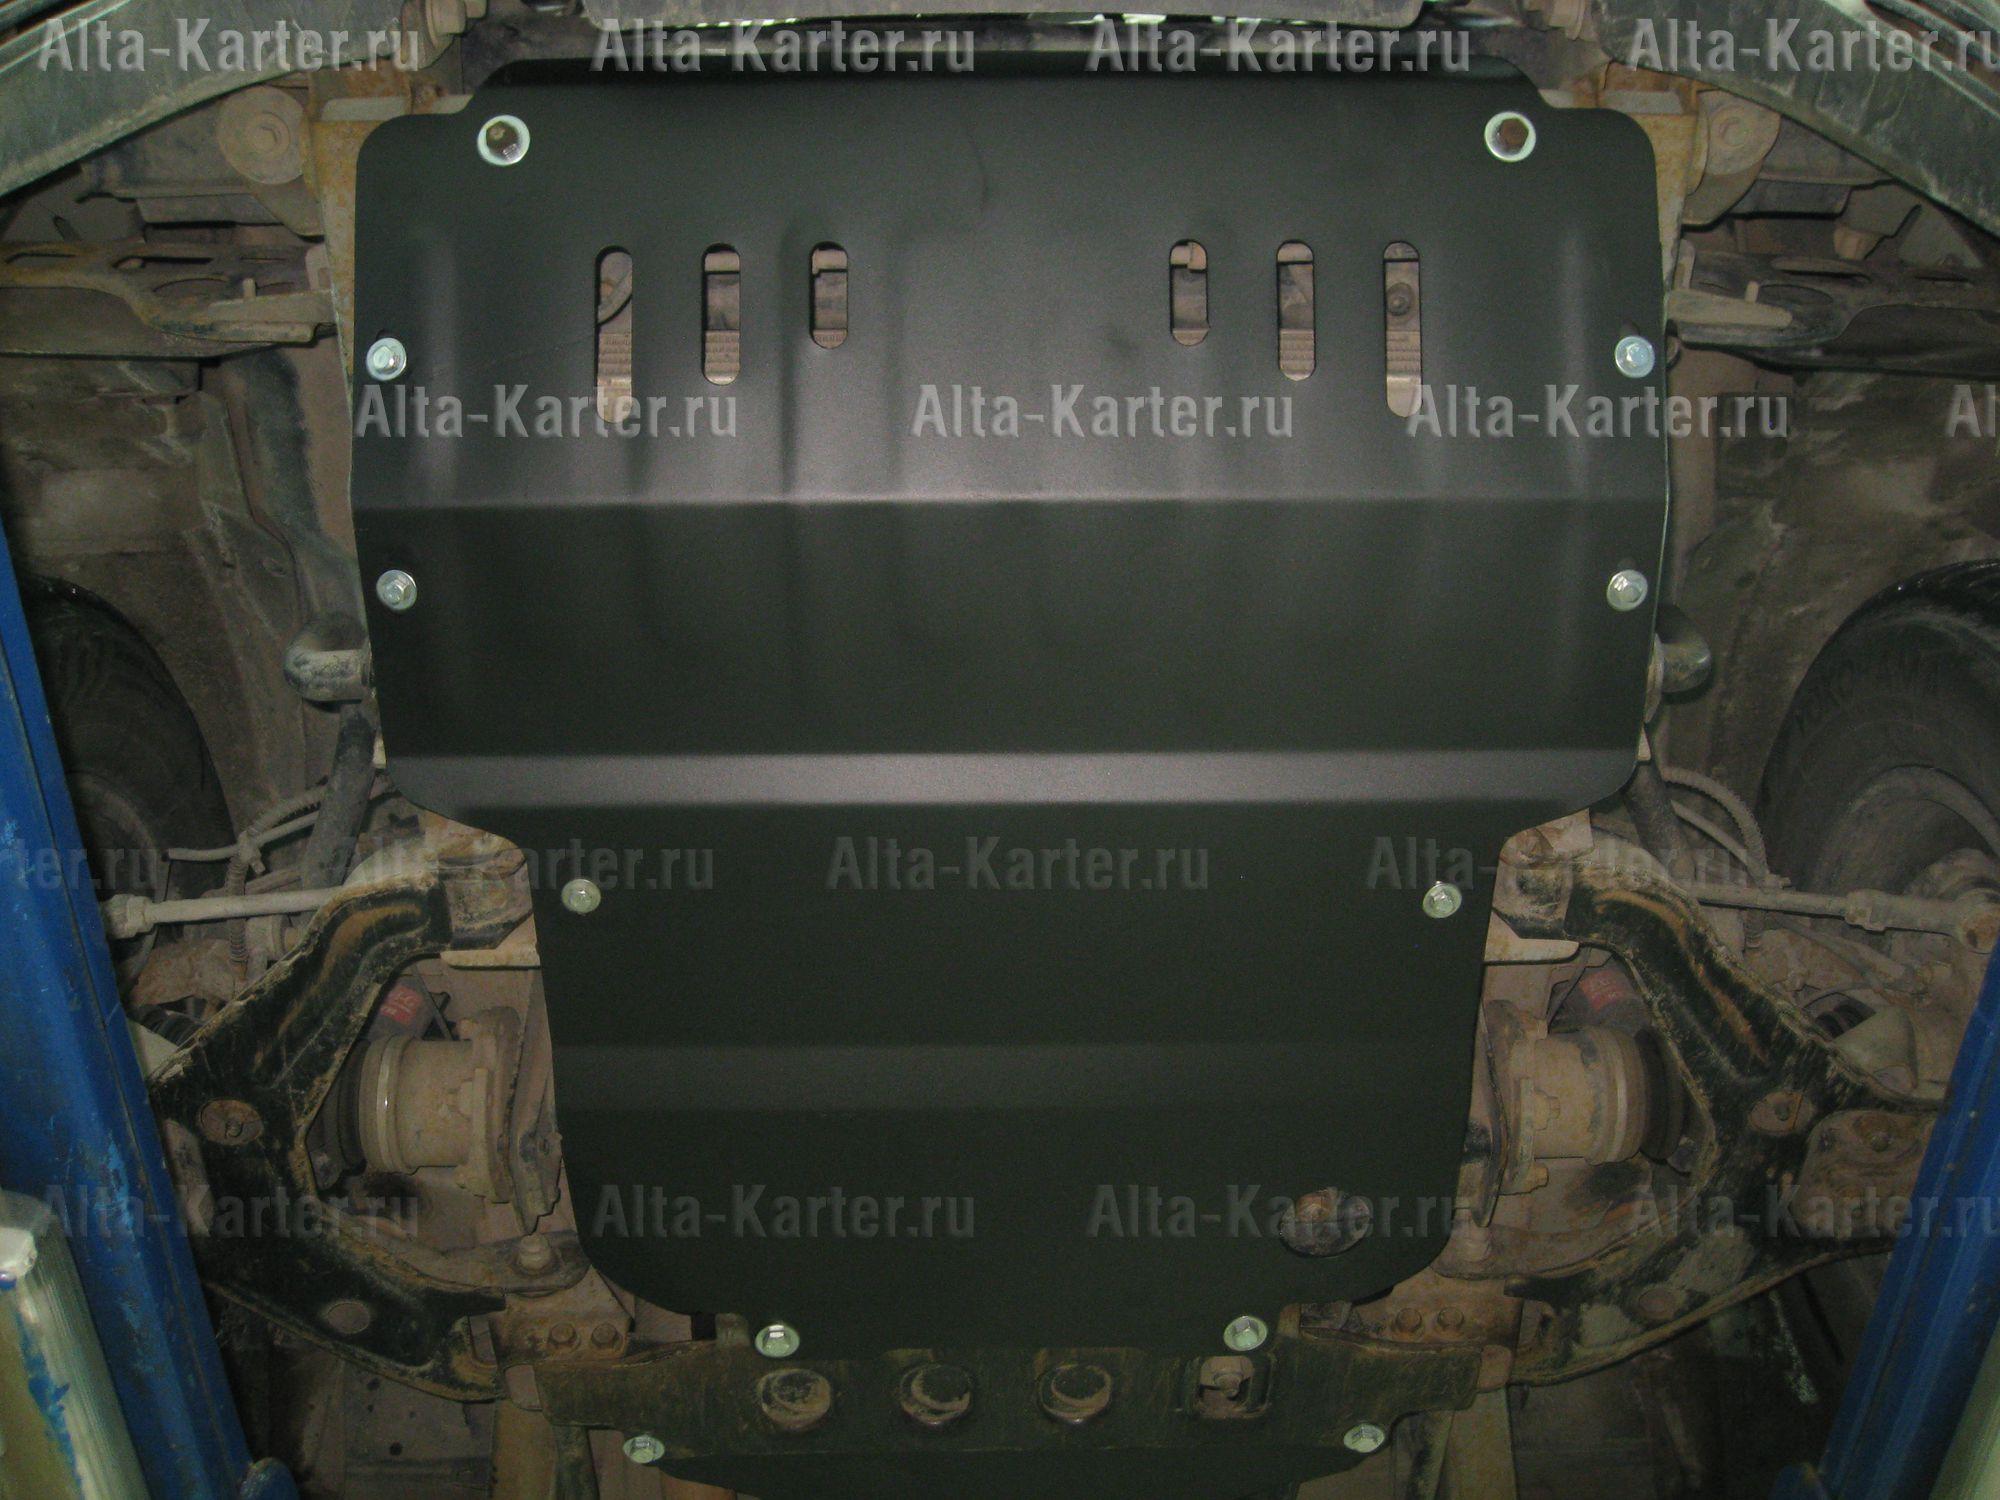 Защита Alfeco для картера ТагАЗ Tager 2008-2011. Артикул ALF.32.01